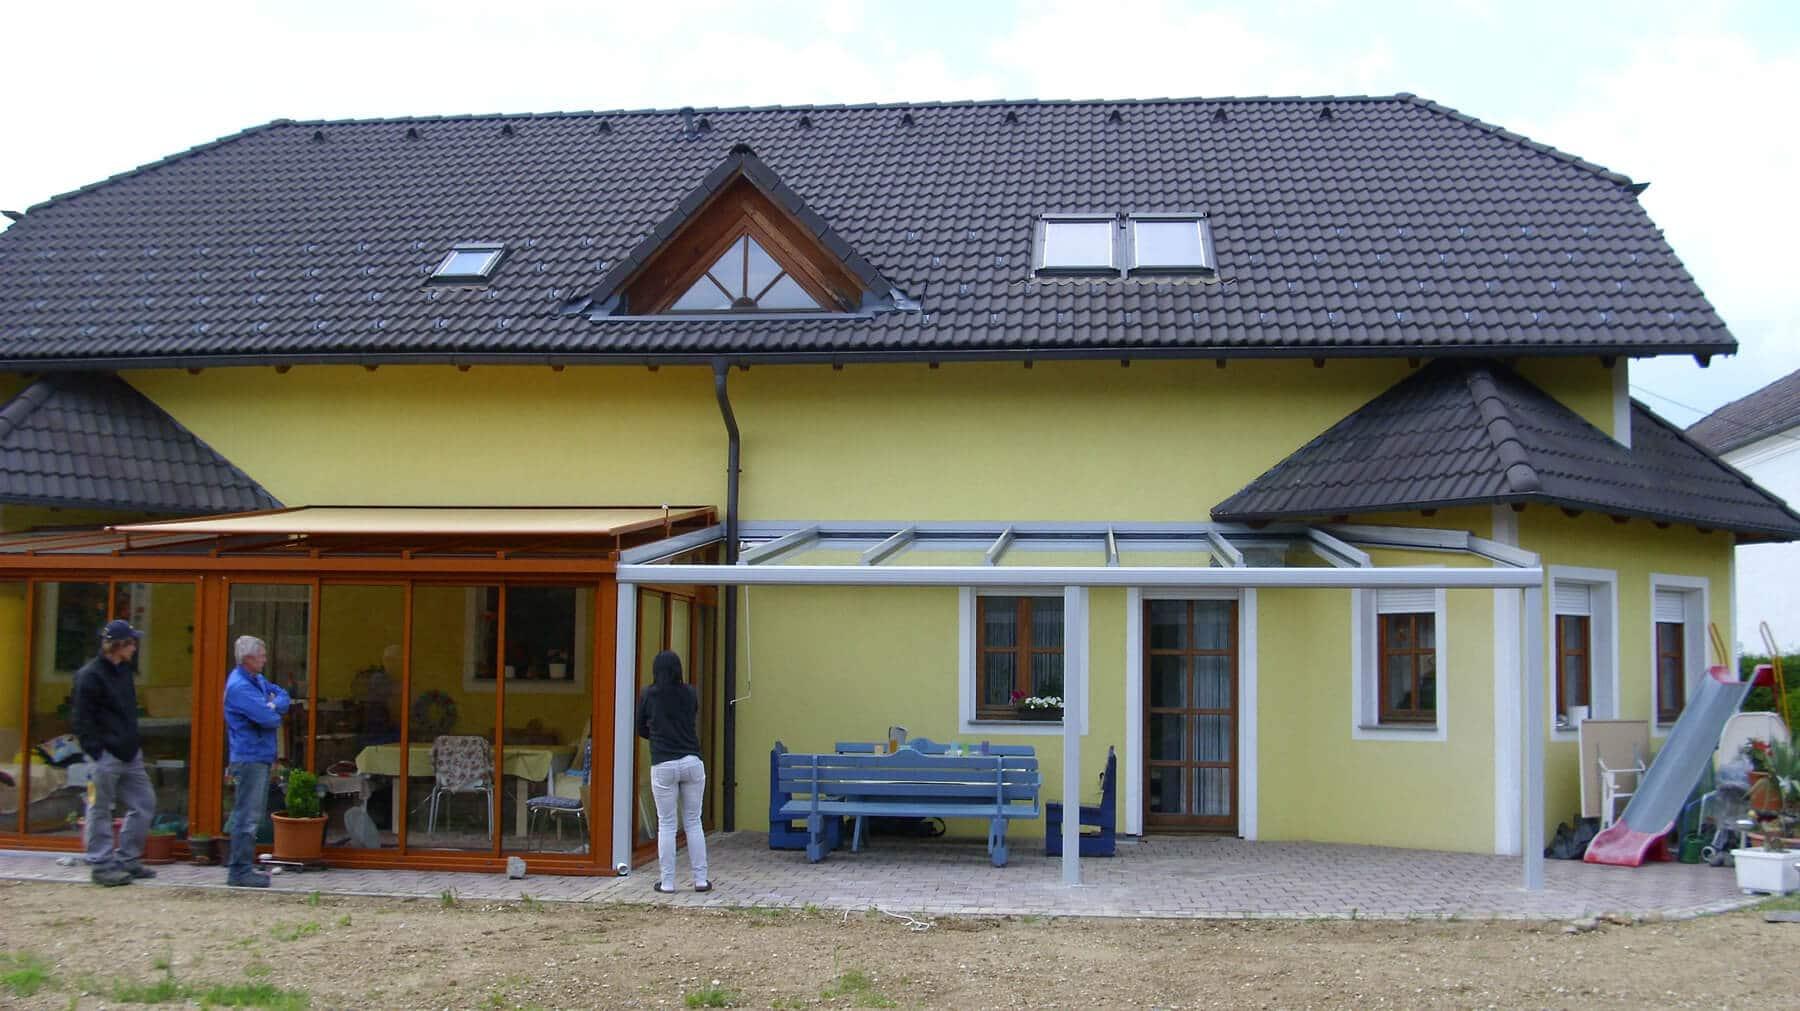 Erweiterung des Sommergartens mit einer Überdachung